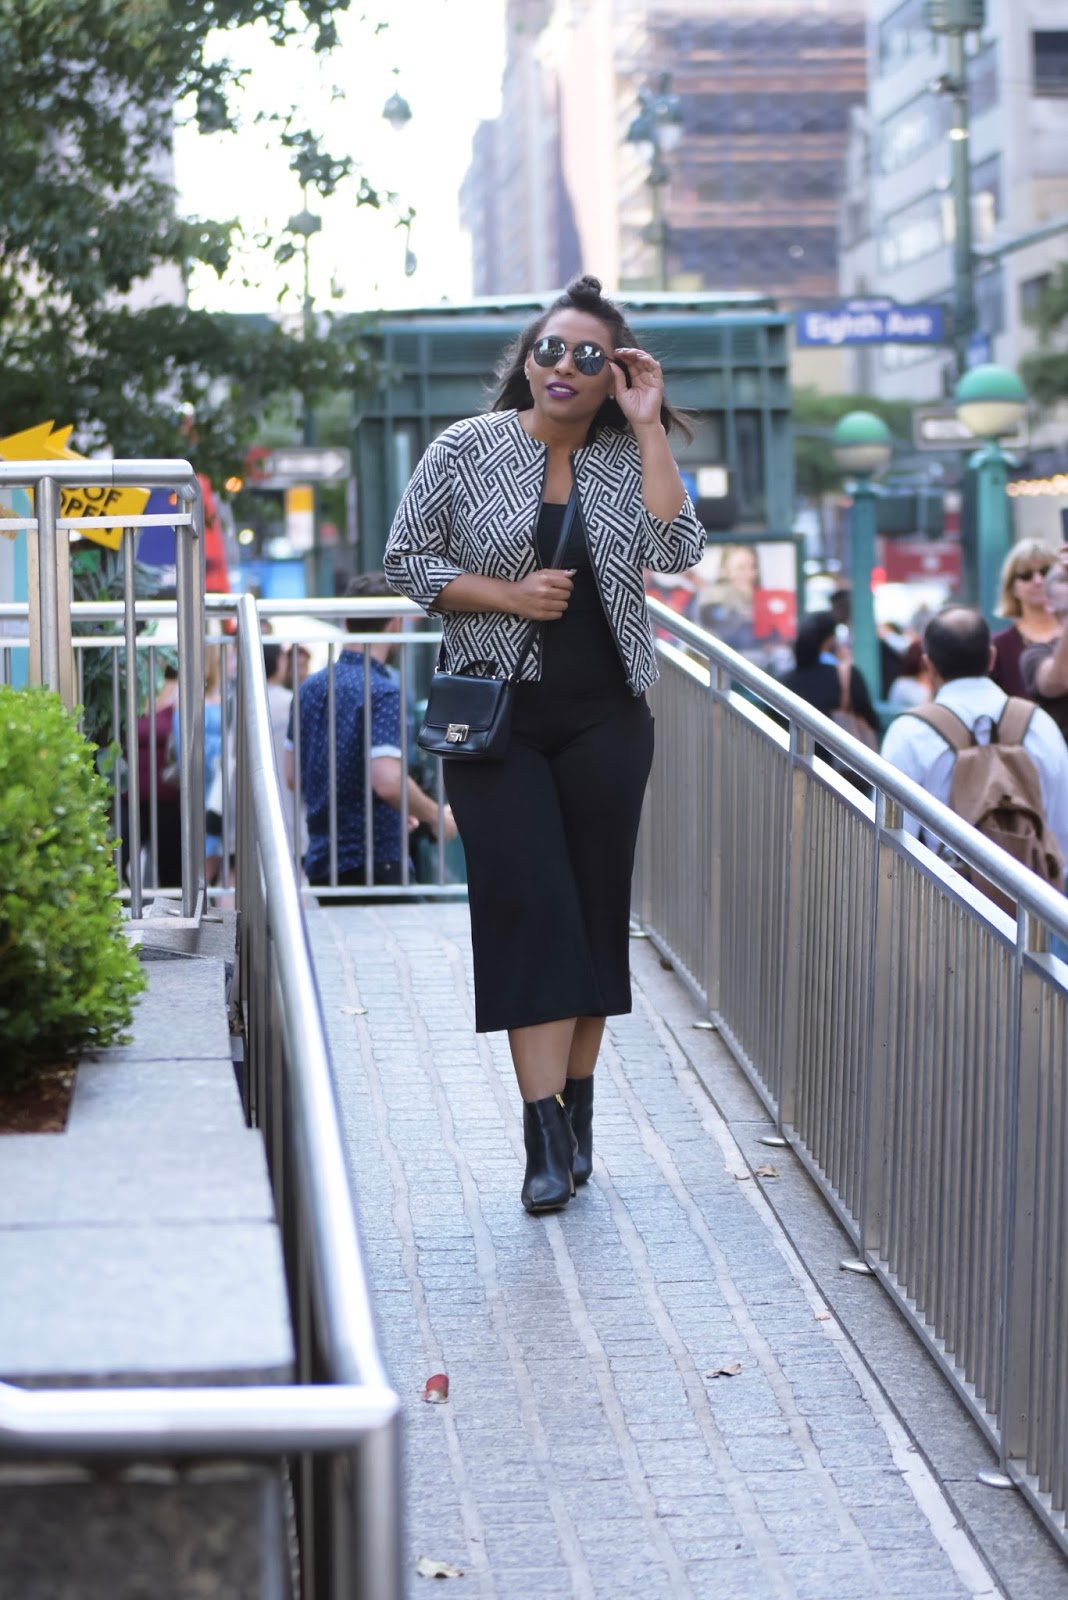 NWFW, nyfw 2017, spring/summer 2018, nyfw streetstyle, fashion week, Cindy Monteiro, Galtiscopio, Vaishali, cullotes, printed blazer